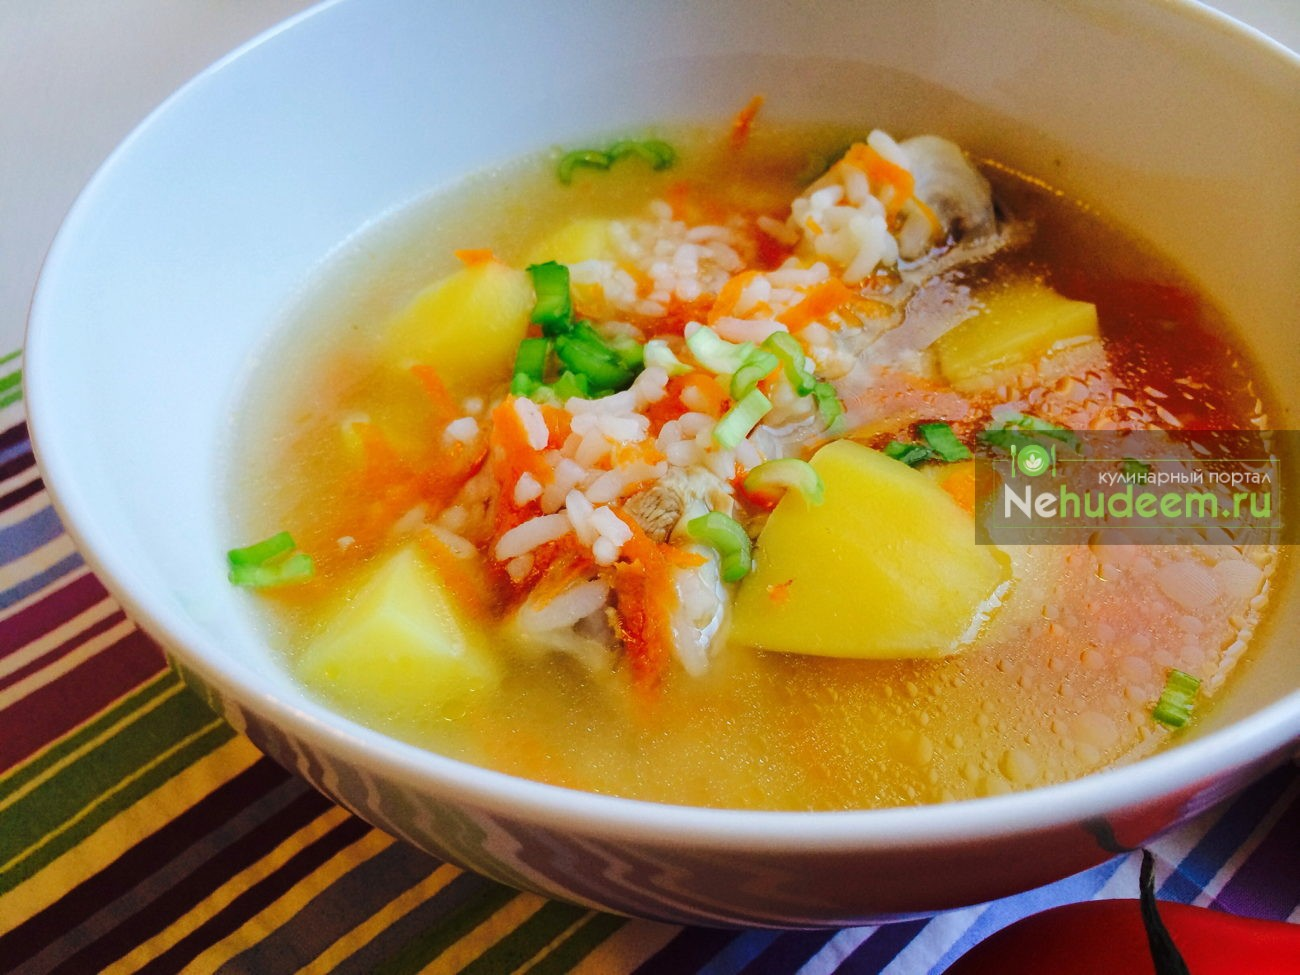 Рисовый суп с курицей рецепт с фото в мультиварке